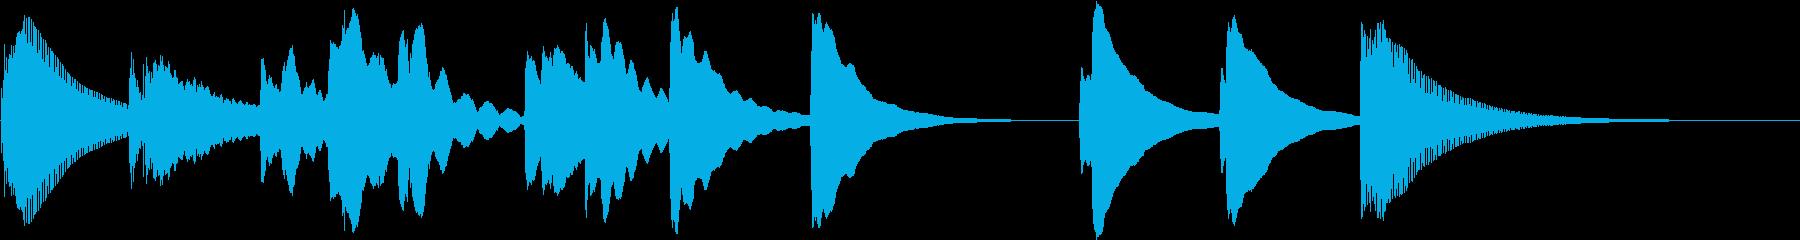 マリンバのみのかわいいジングルの再生済みの波形